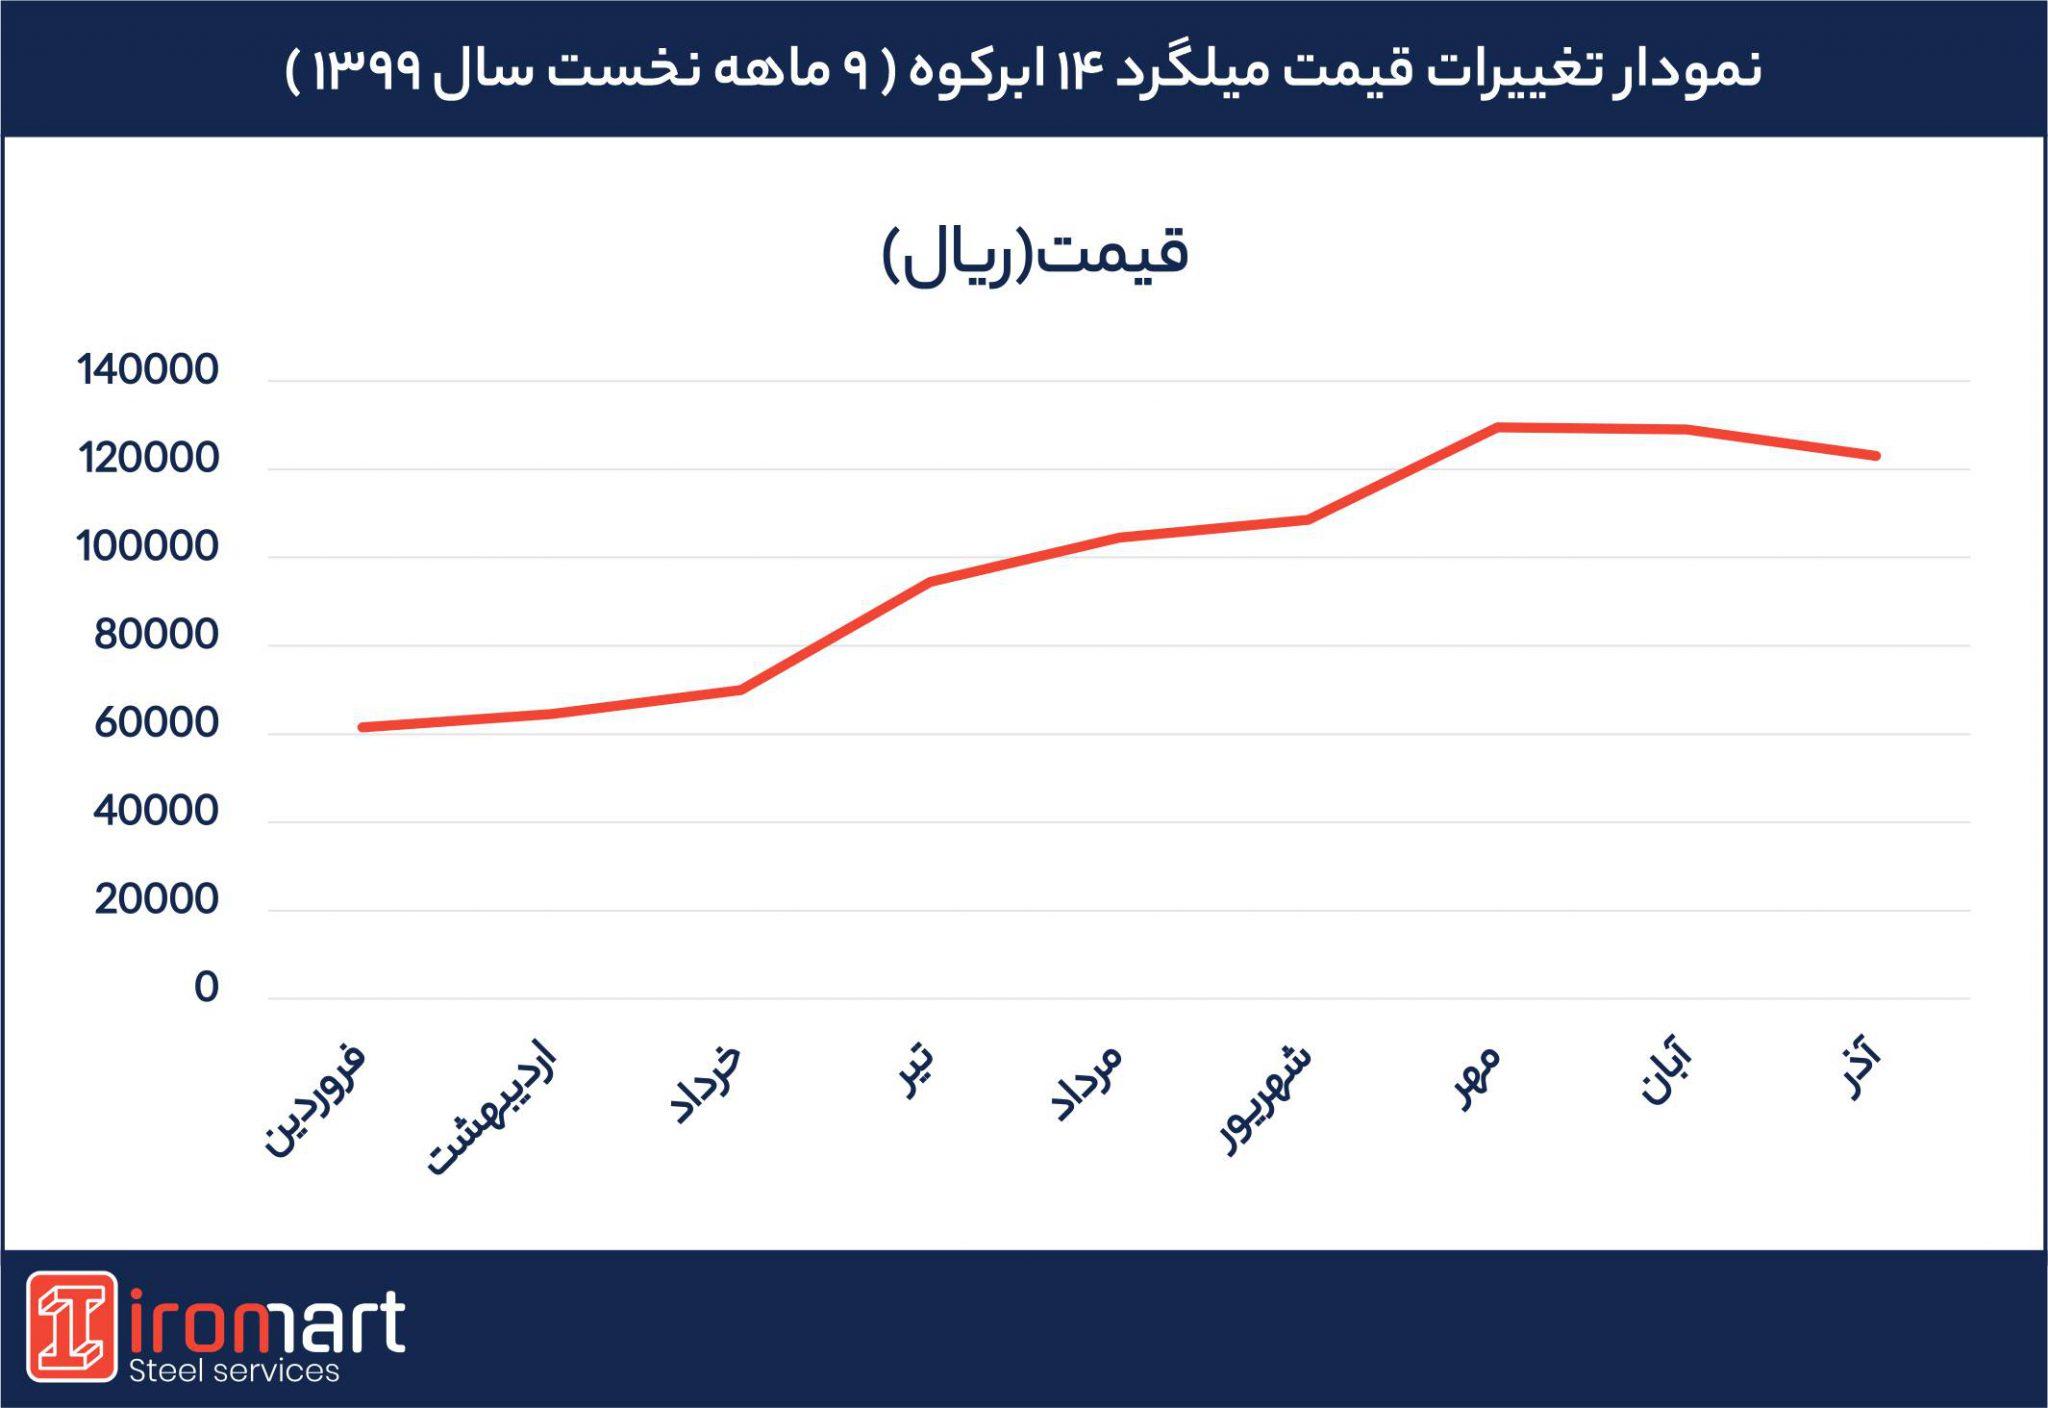 نمودار تغییر قیمت میلگرد 14ابرکوه در 9 ماهه نخست سال 99